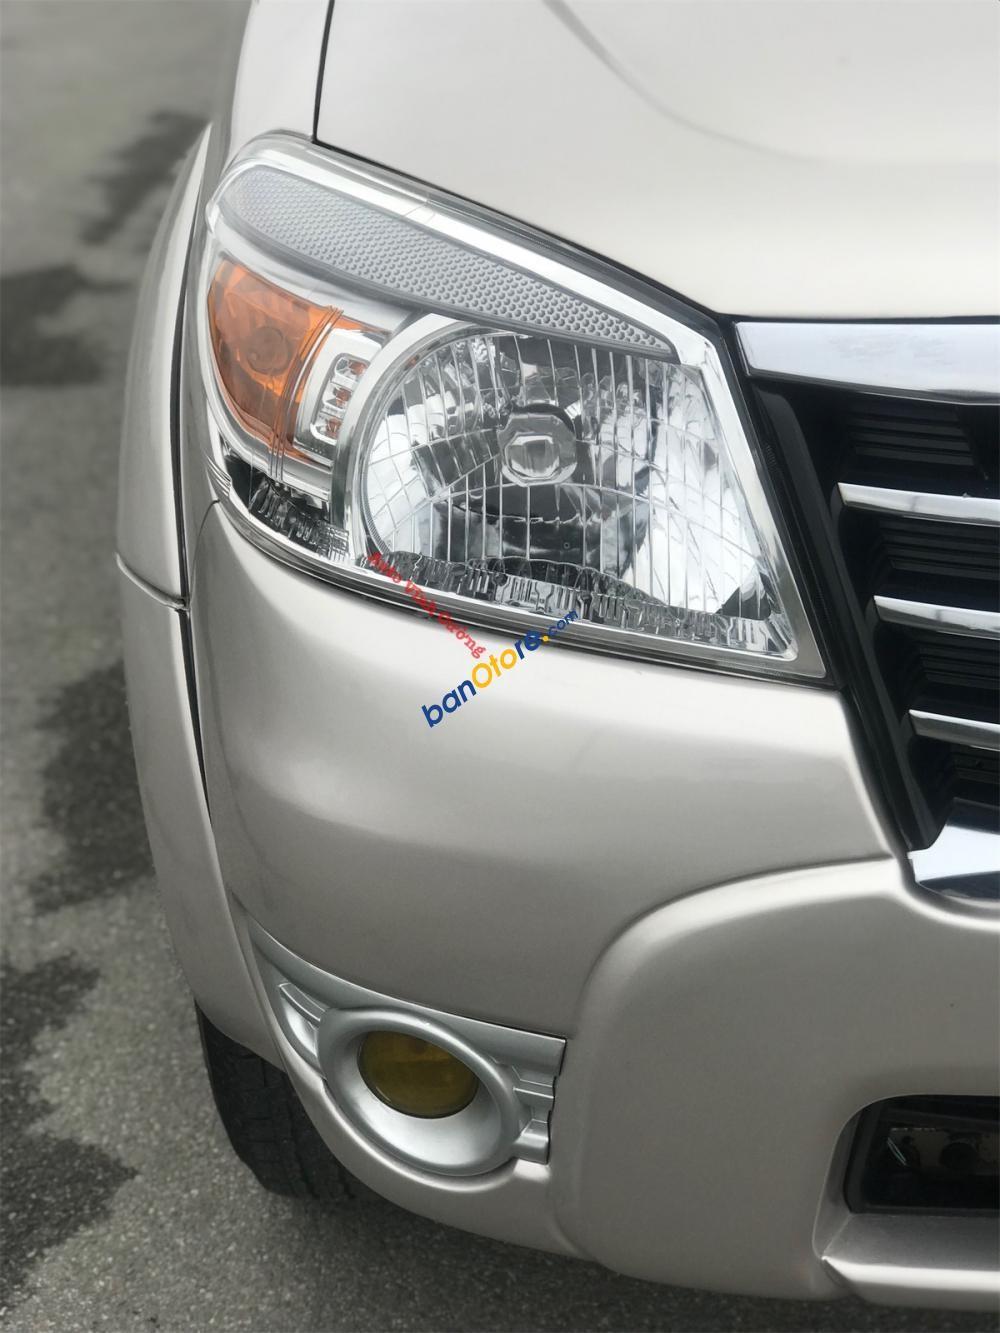 Bán Ford Everest 2.5L 4x2 MT sản xuất năm 2009, màu bạc chính chủ, giá chỉ 485 triệu